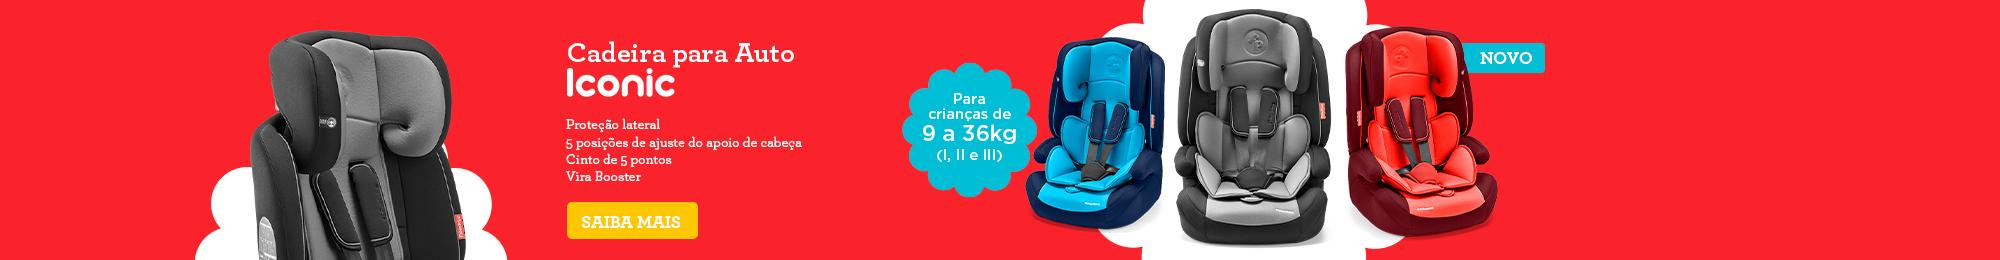 Cadeira para auto Ionic